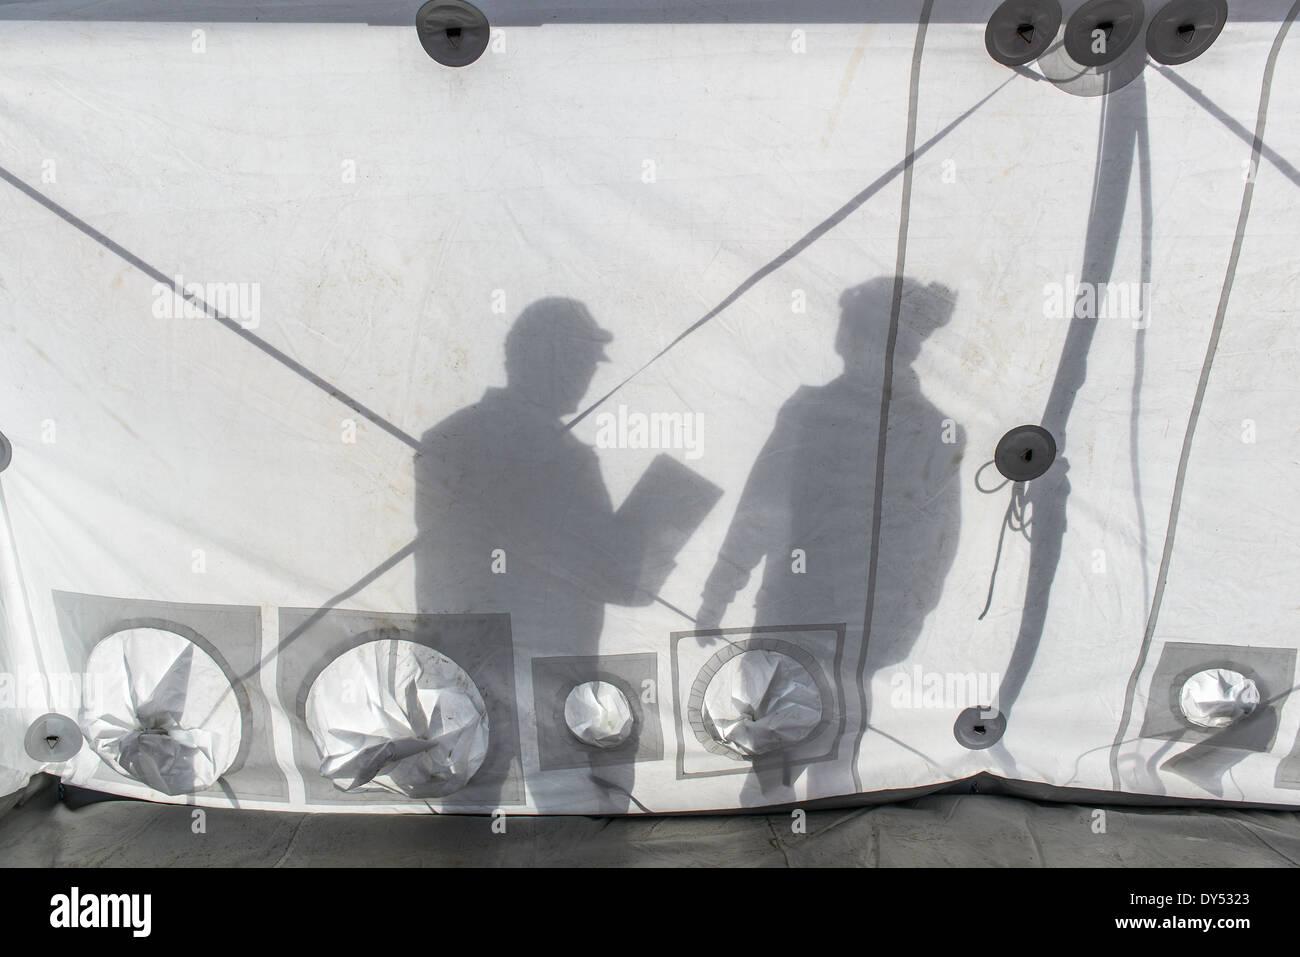 Silueta de equipo de respuesta de emergencia de los trabajadores dentro de la carpa del centro de control Imagen De Stock